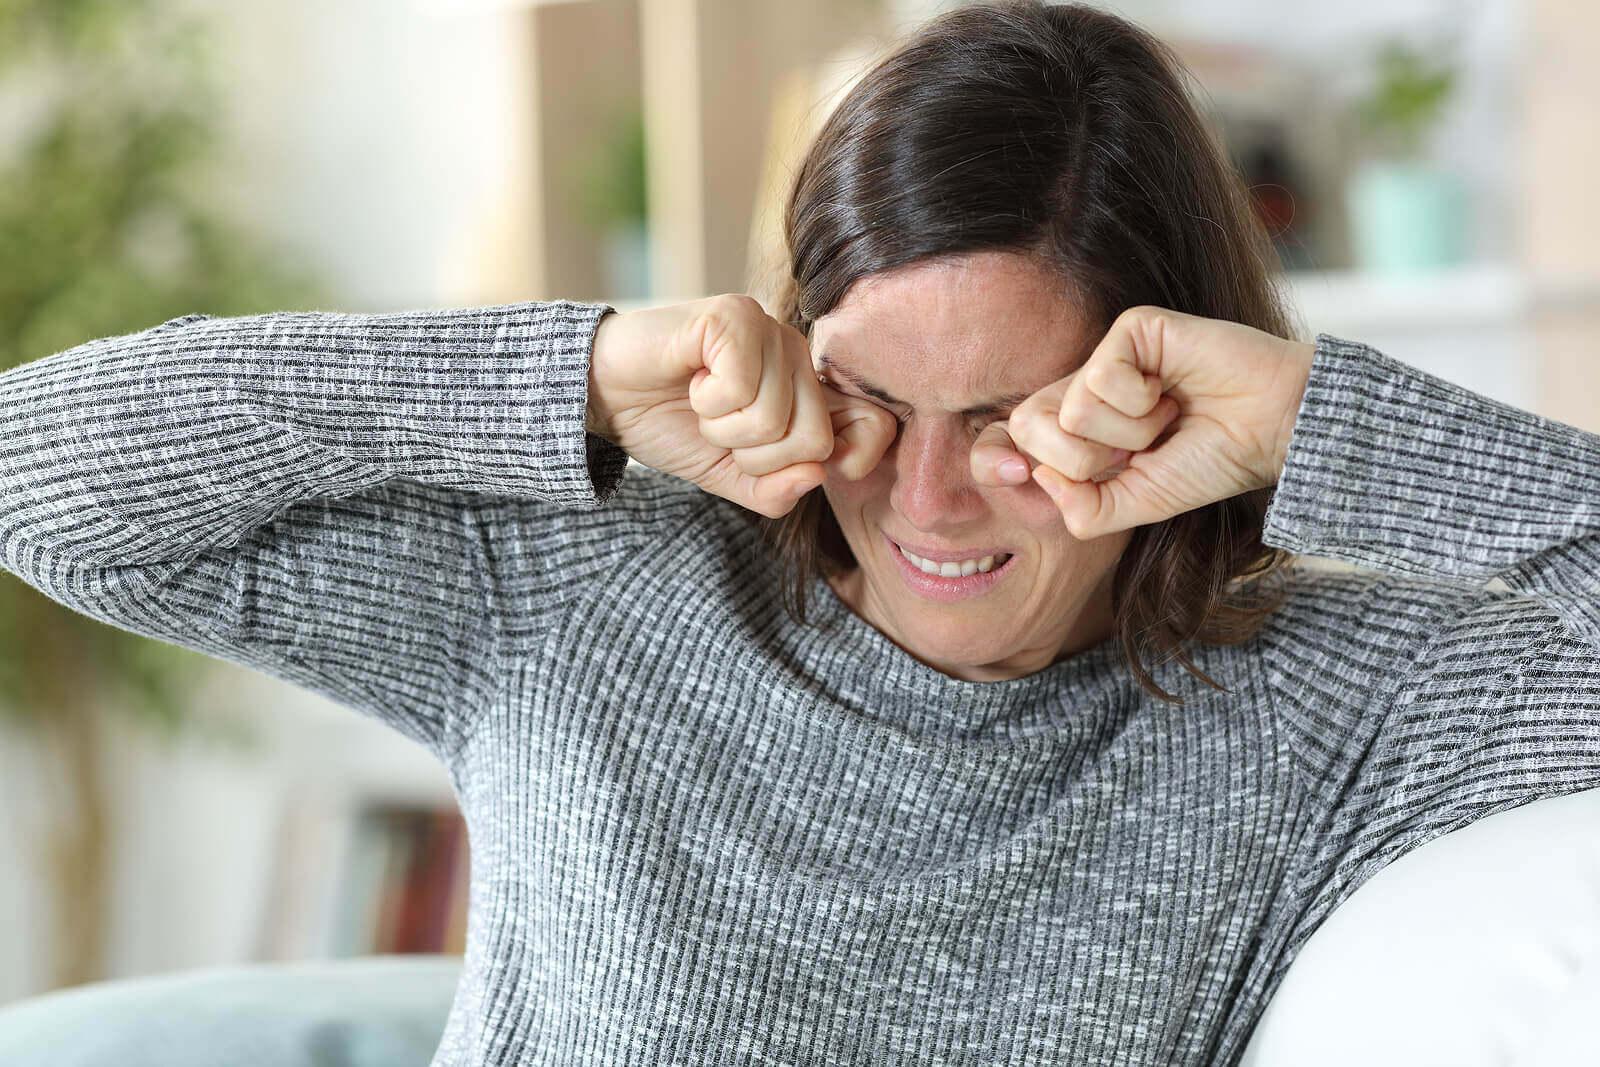 Strofinare può causare macchie rosse agli occhi.